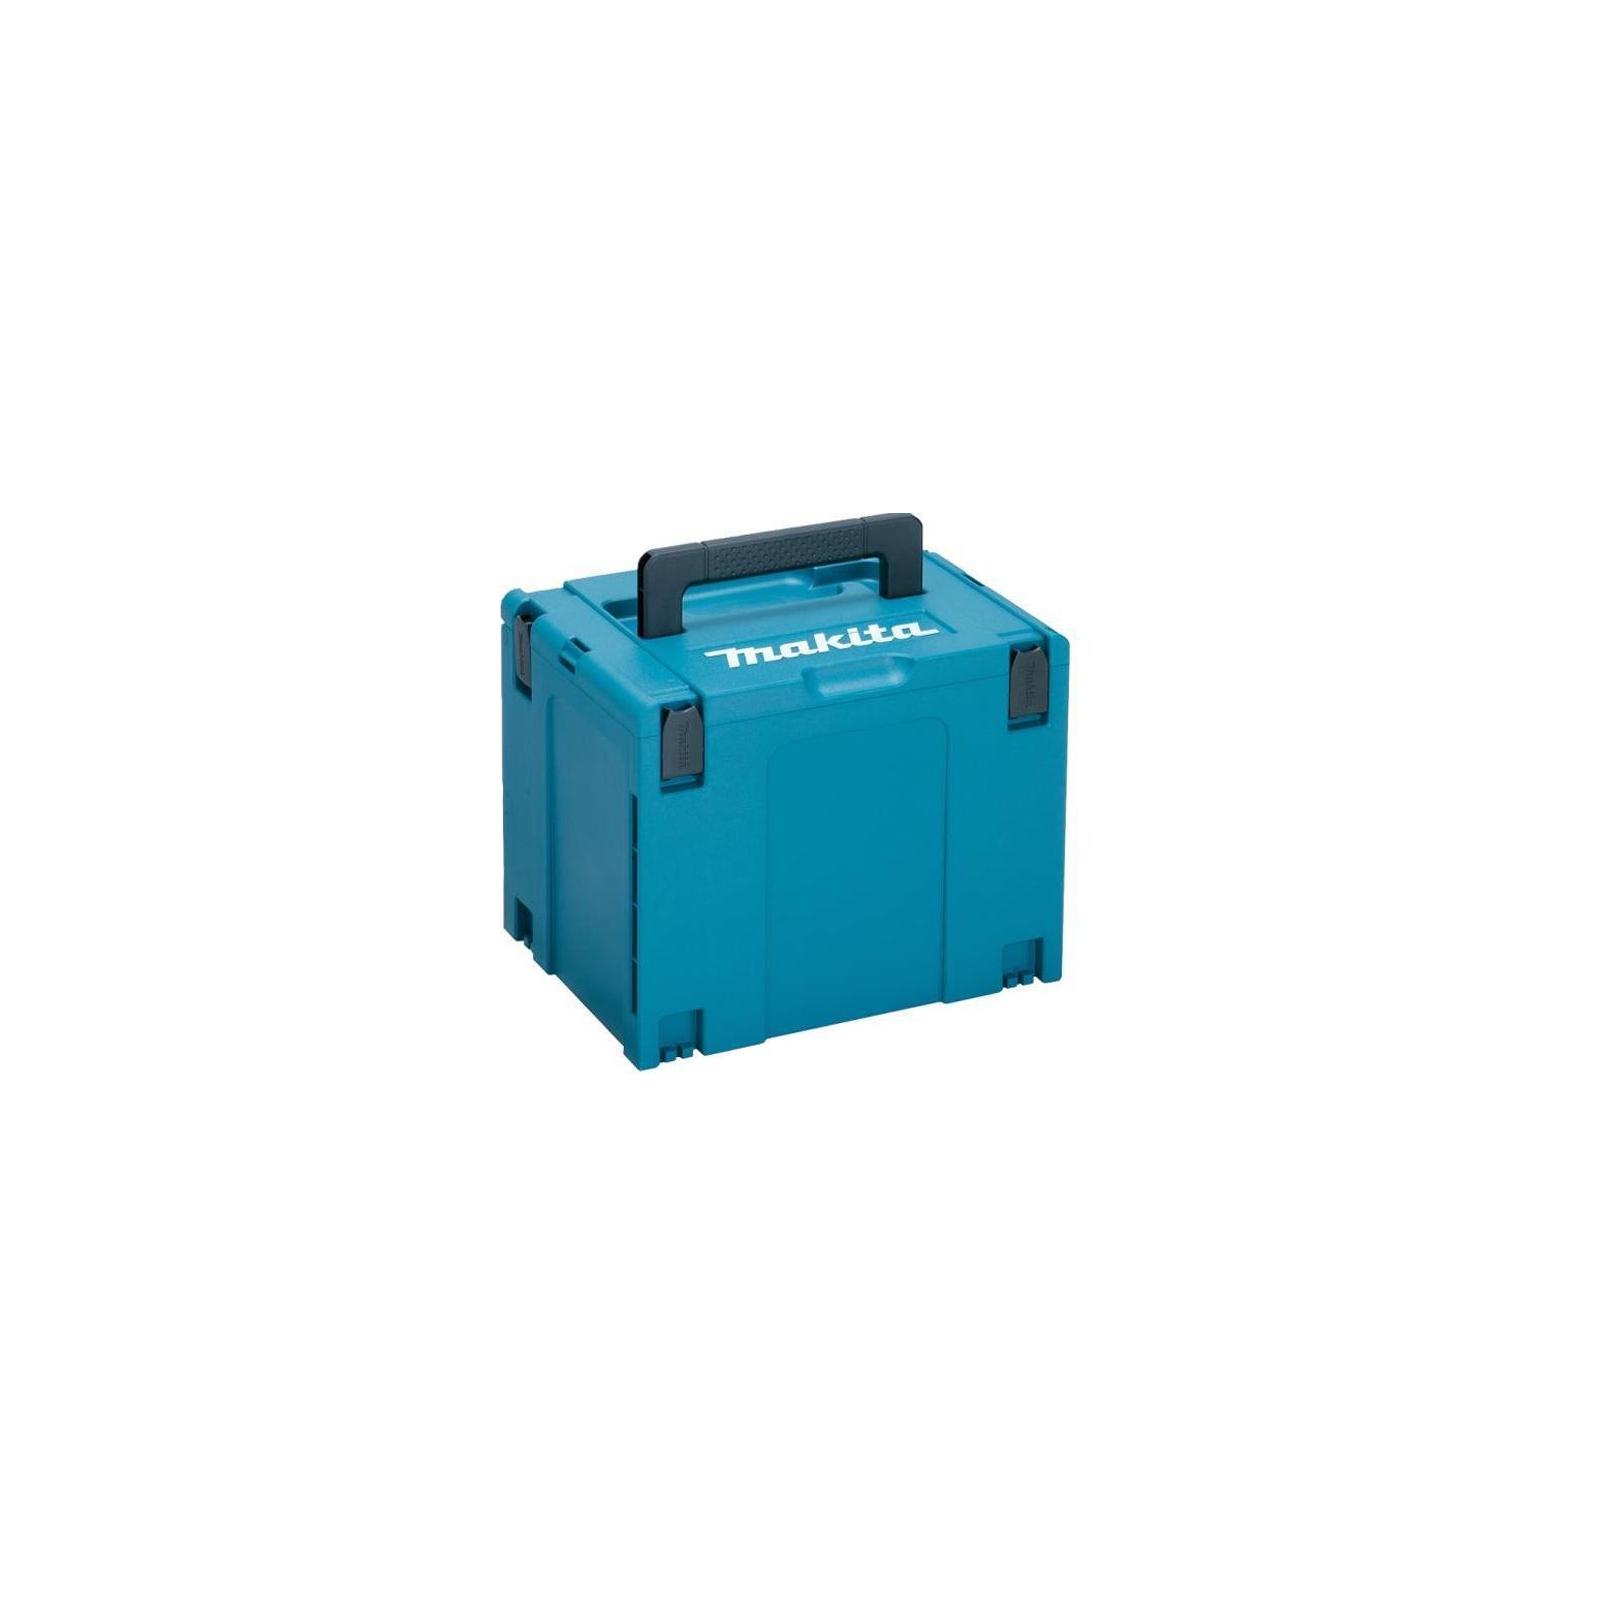 Шлифовальная машина Makita LXT (BL1830Bx4, DC18RD, Makpac4) + DGA504Z (198830-2) изображение 5